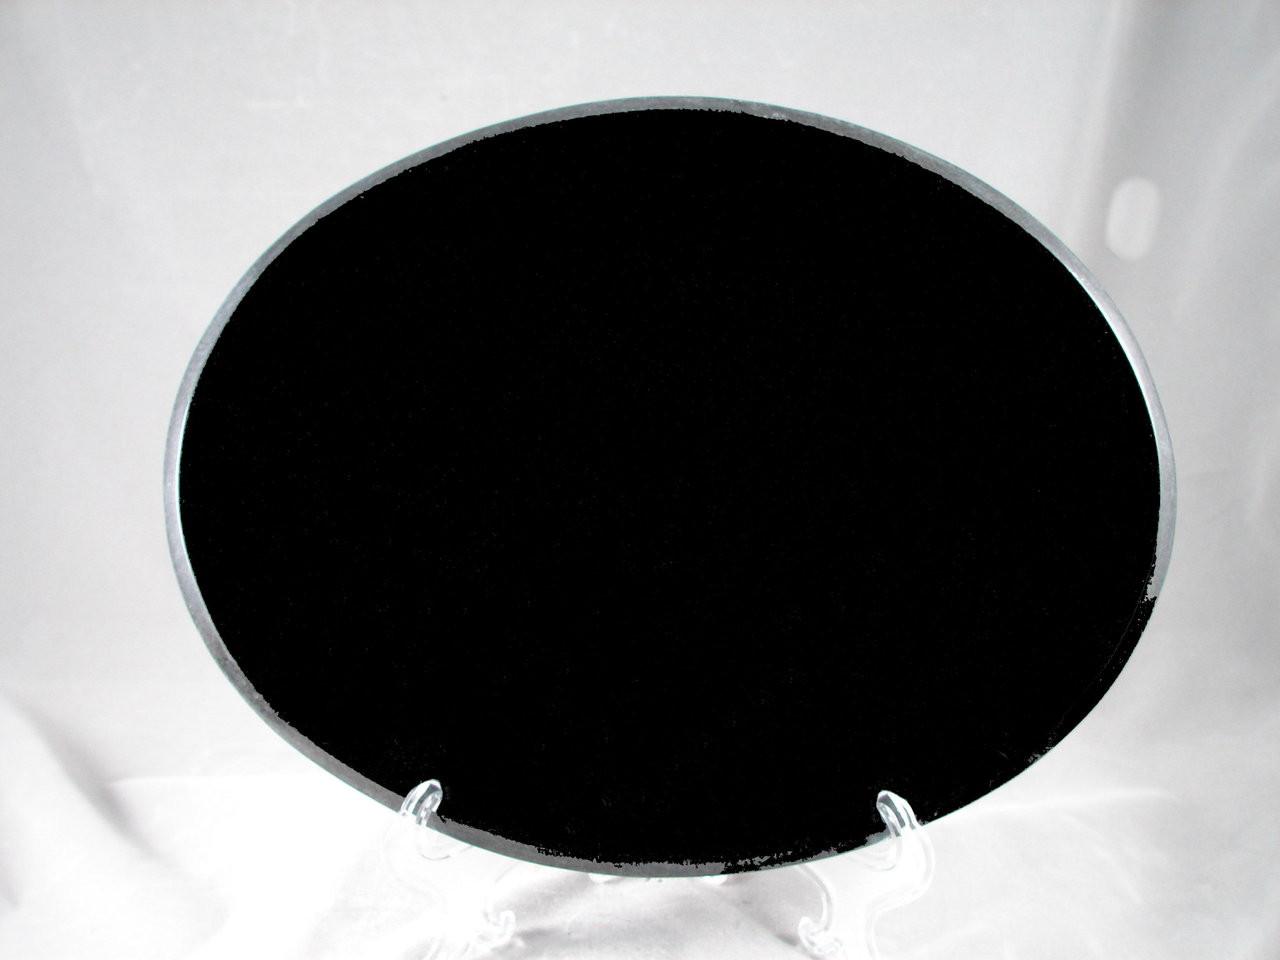 """G-MB-5x7Oval BEP, LaserGrade, MB Black Granite, 5"""" x 7"""" x 7-8mm"""" , Beveled Edges Polished, (5 face polished)"""